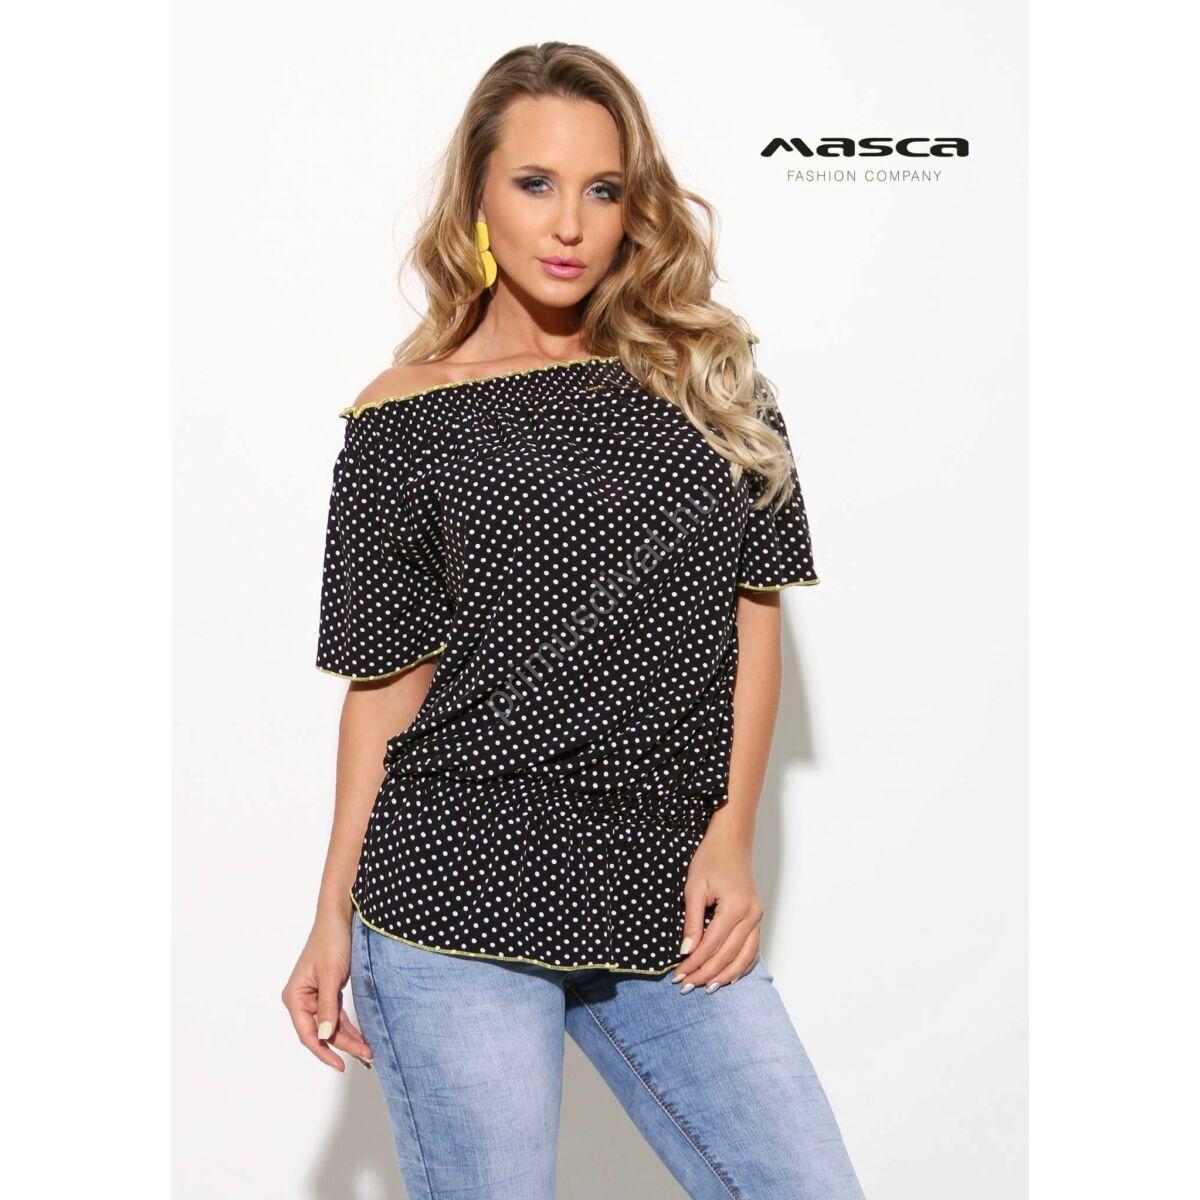 dd2e1b5cb0 Kép 1/1 - Masca Fashion vállra húzható gumírozott nyakú fekete-fehér  pöttyös lezser rövid ujjú felső, sárga tűzésekkel